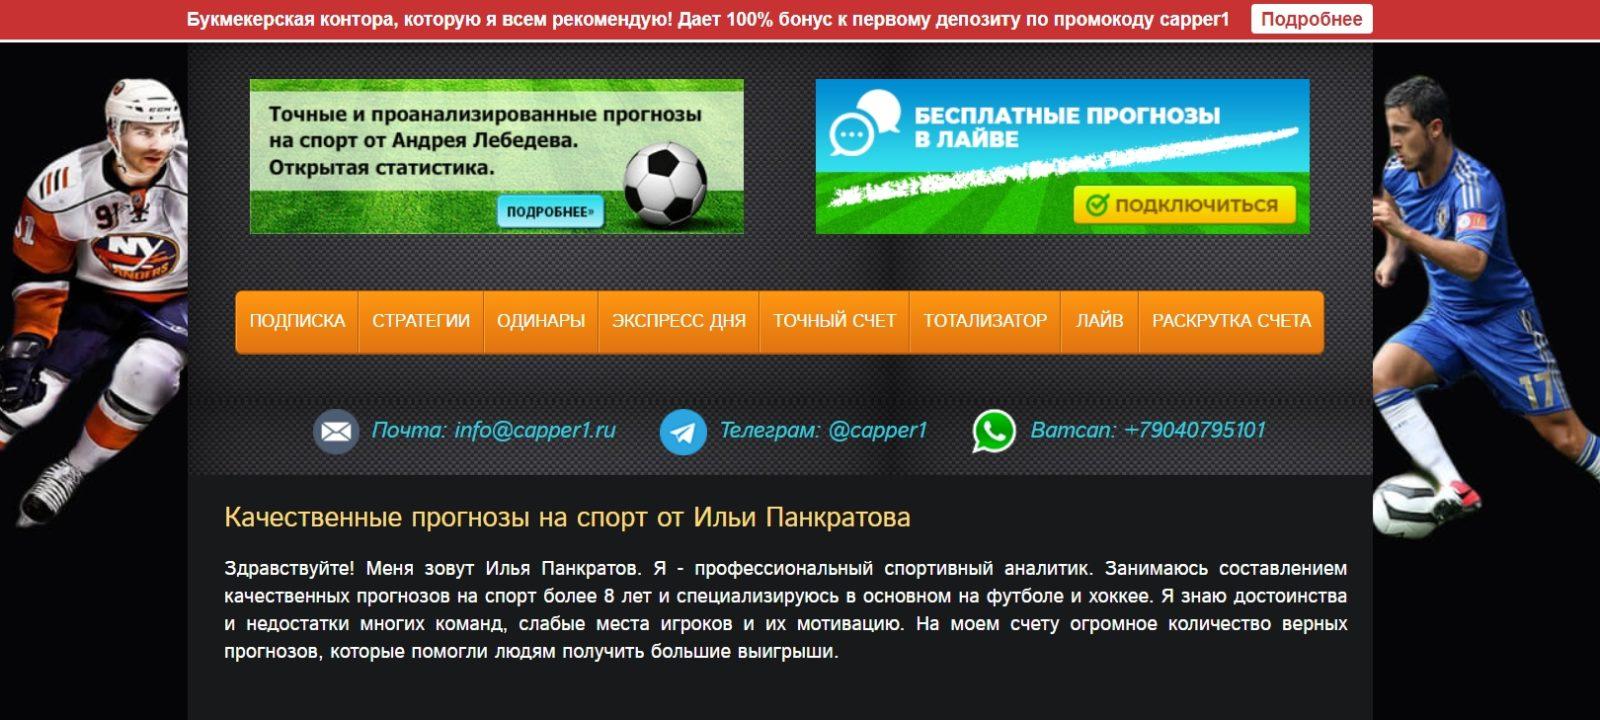 Отзывы о сайте Capper1.ru и Илье Панкратове